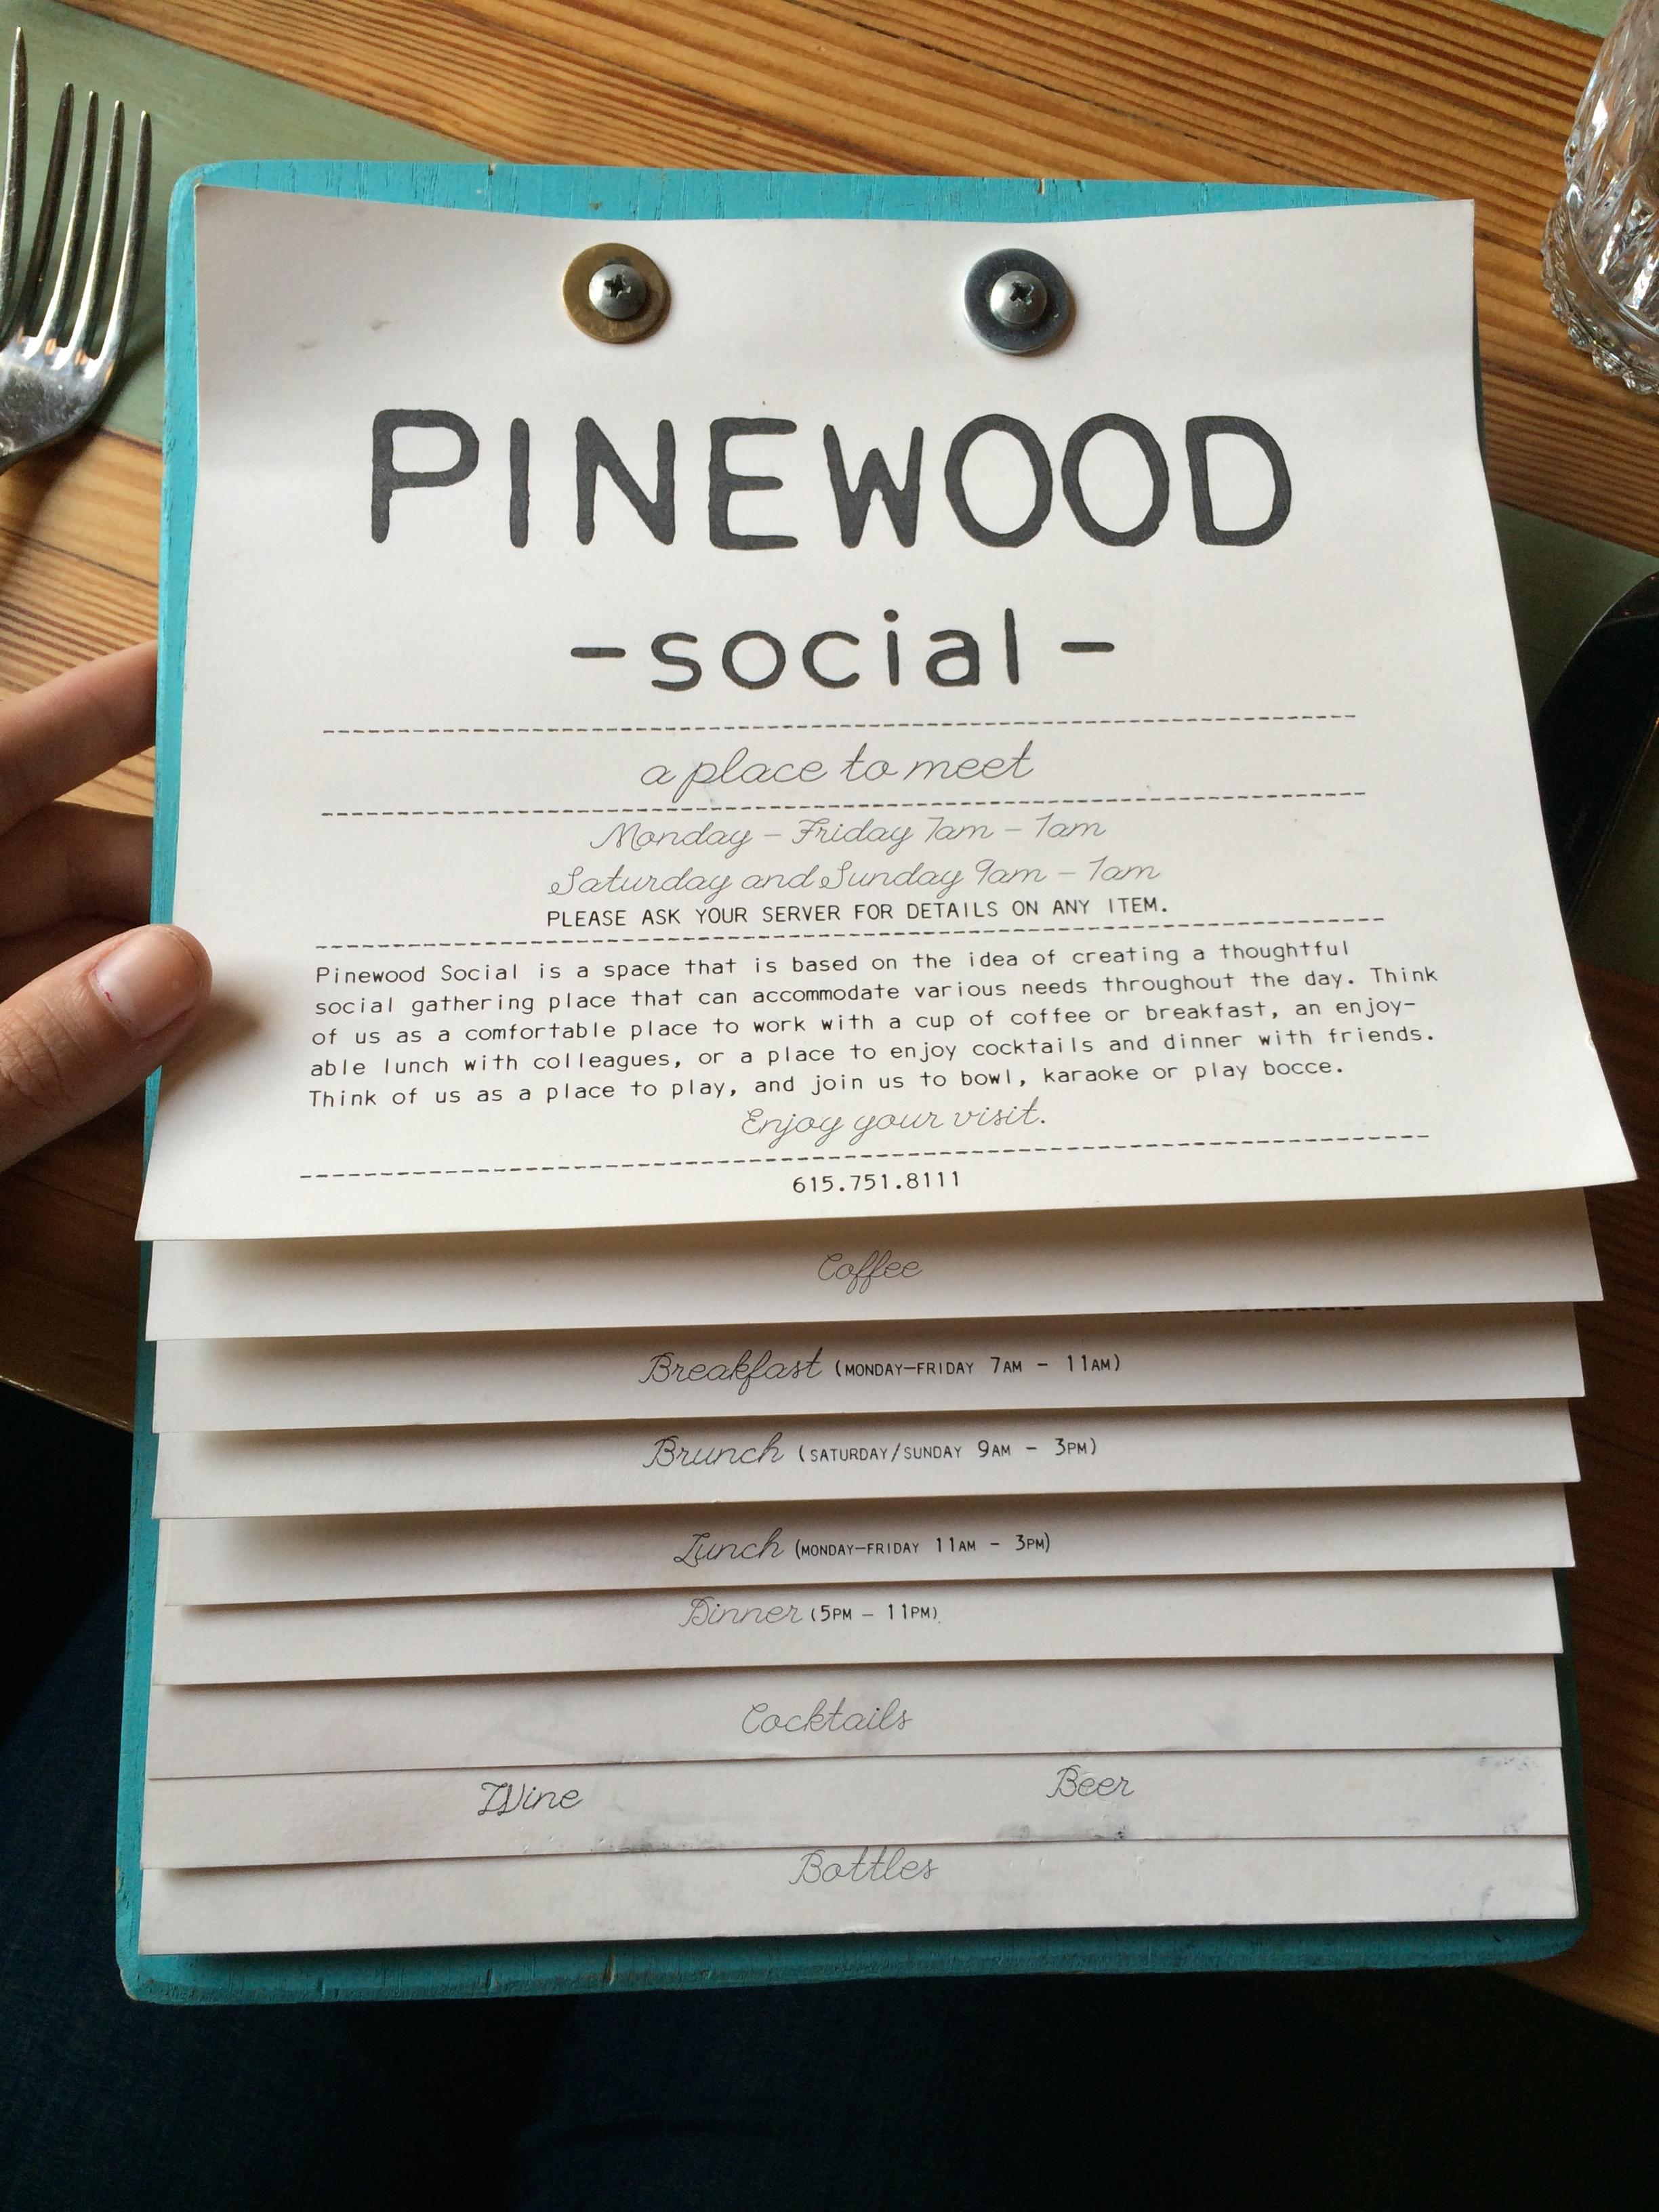 Pinewood Social!